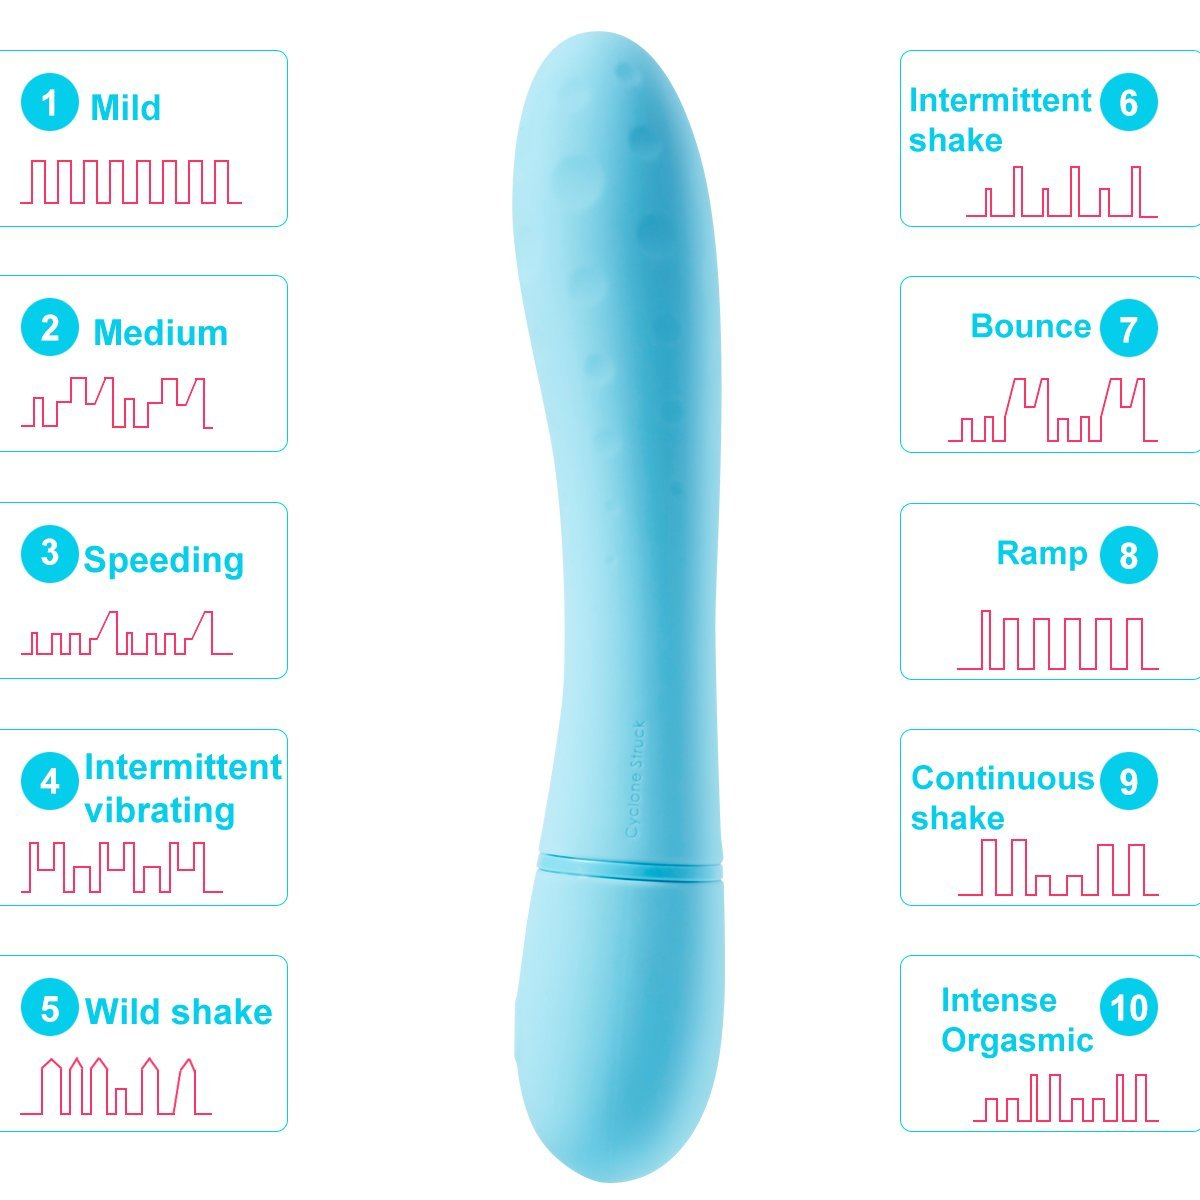 ZEMALIA Pippa Silikon Dildo Klitoris Vibrator für sie,Klitoris Sauger Vibratoren mit 7 Vibrationsmodi,360 ° Biegbares Ultra Weich Silikon,Wasserdicht sexspielzeug für frauen und paare,hell blau